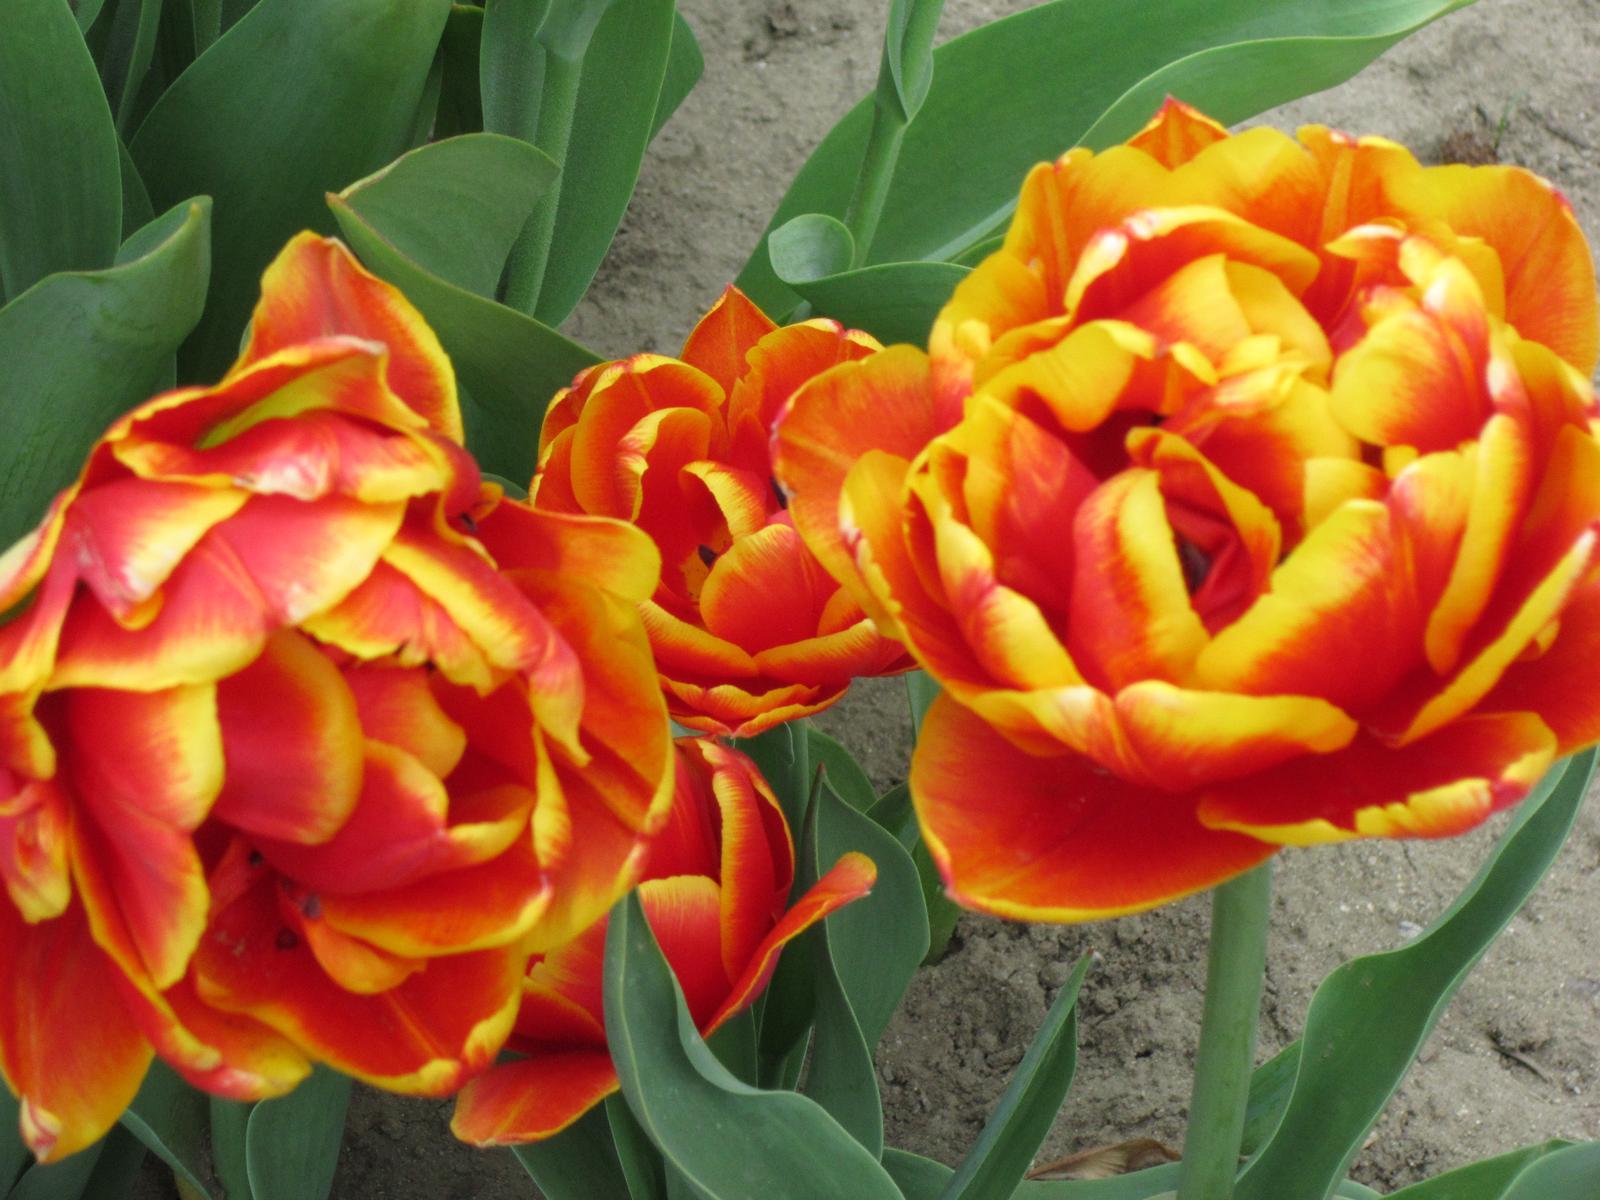 Moja záhrada...ako šiel čas - tulipány,ktoré mi pripomínajú ruže...